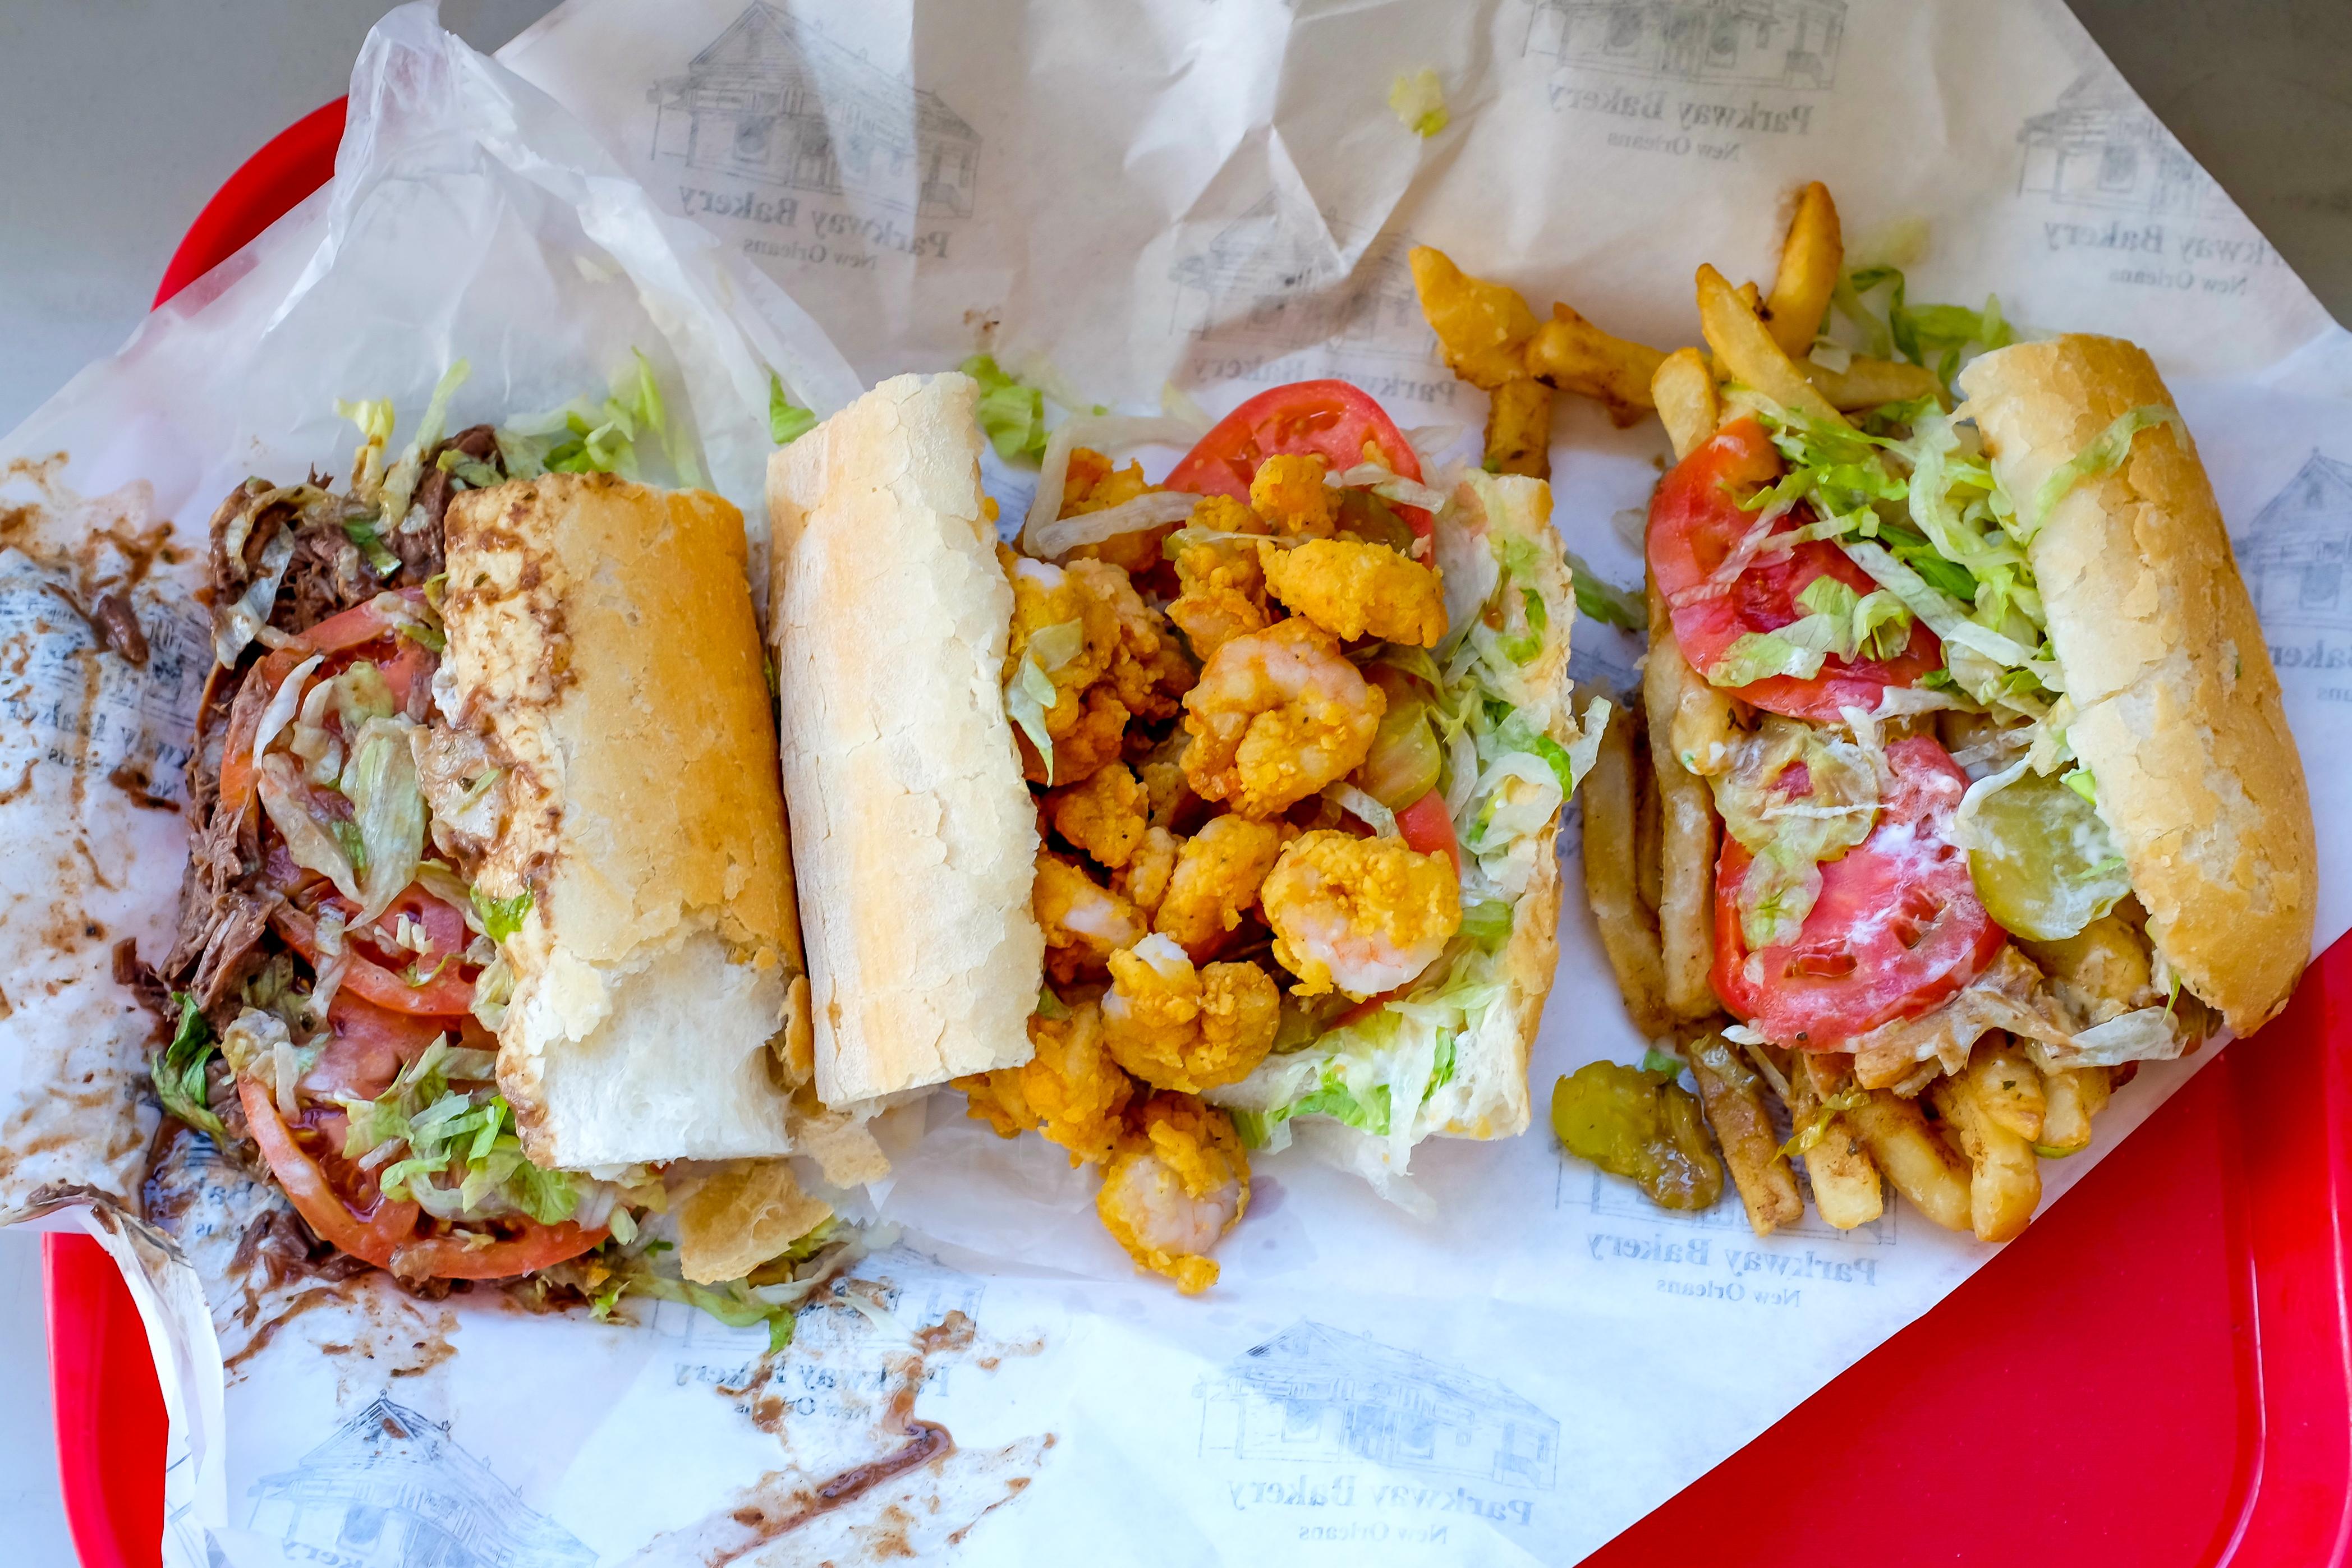 best restaurants in new orleans 2020